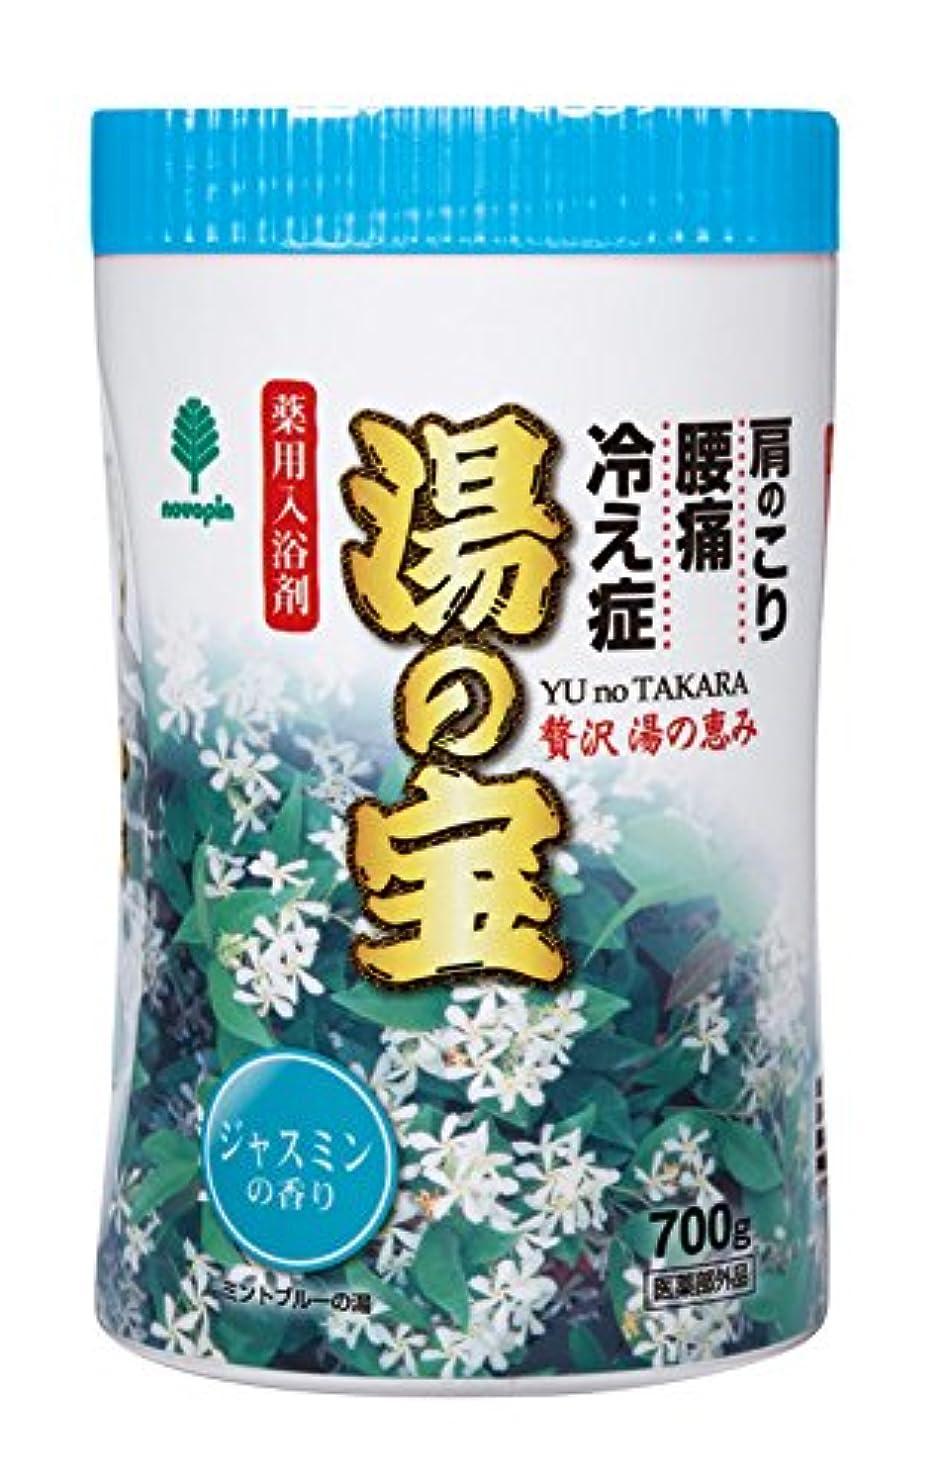 地雷原トラップ法律紀陽除虫菊 入浴剤 湯の宝 ジャスミンの香り 700g [医薬部外品]